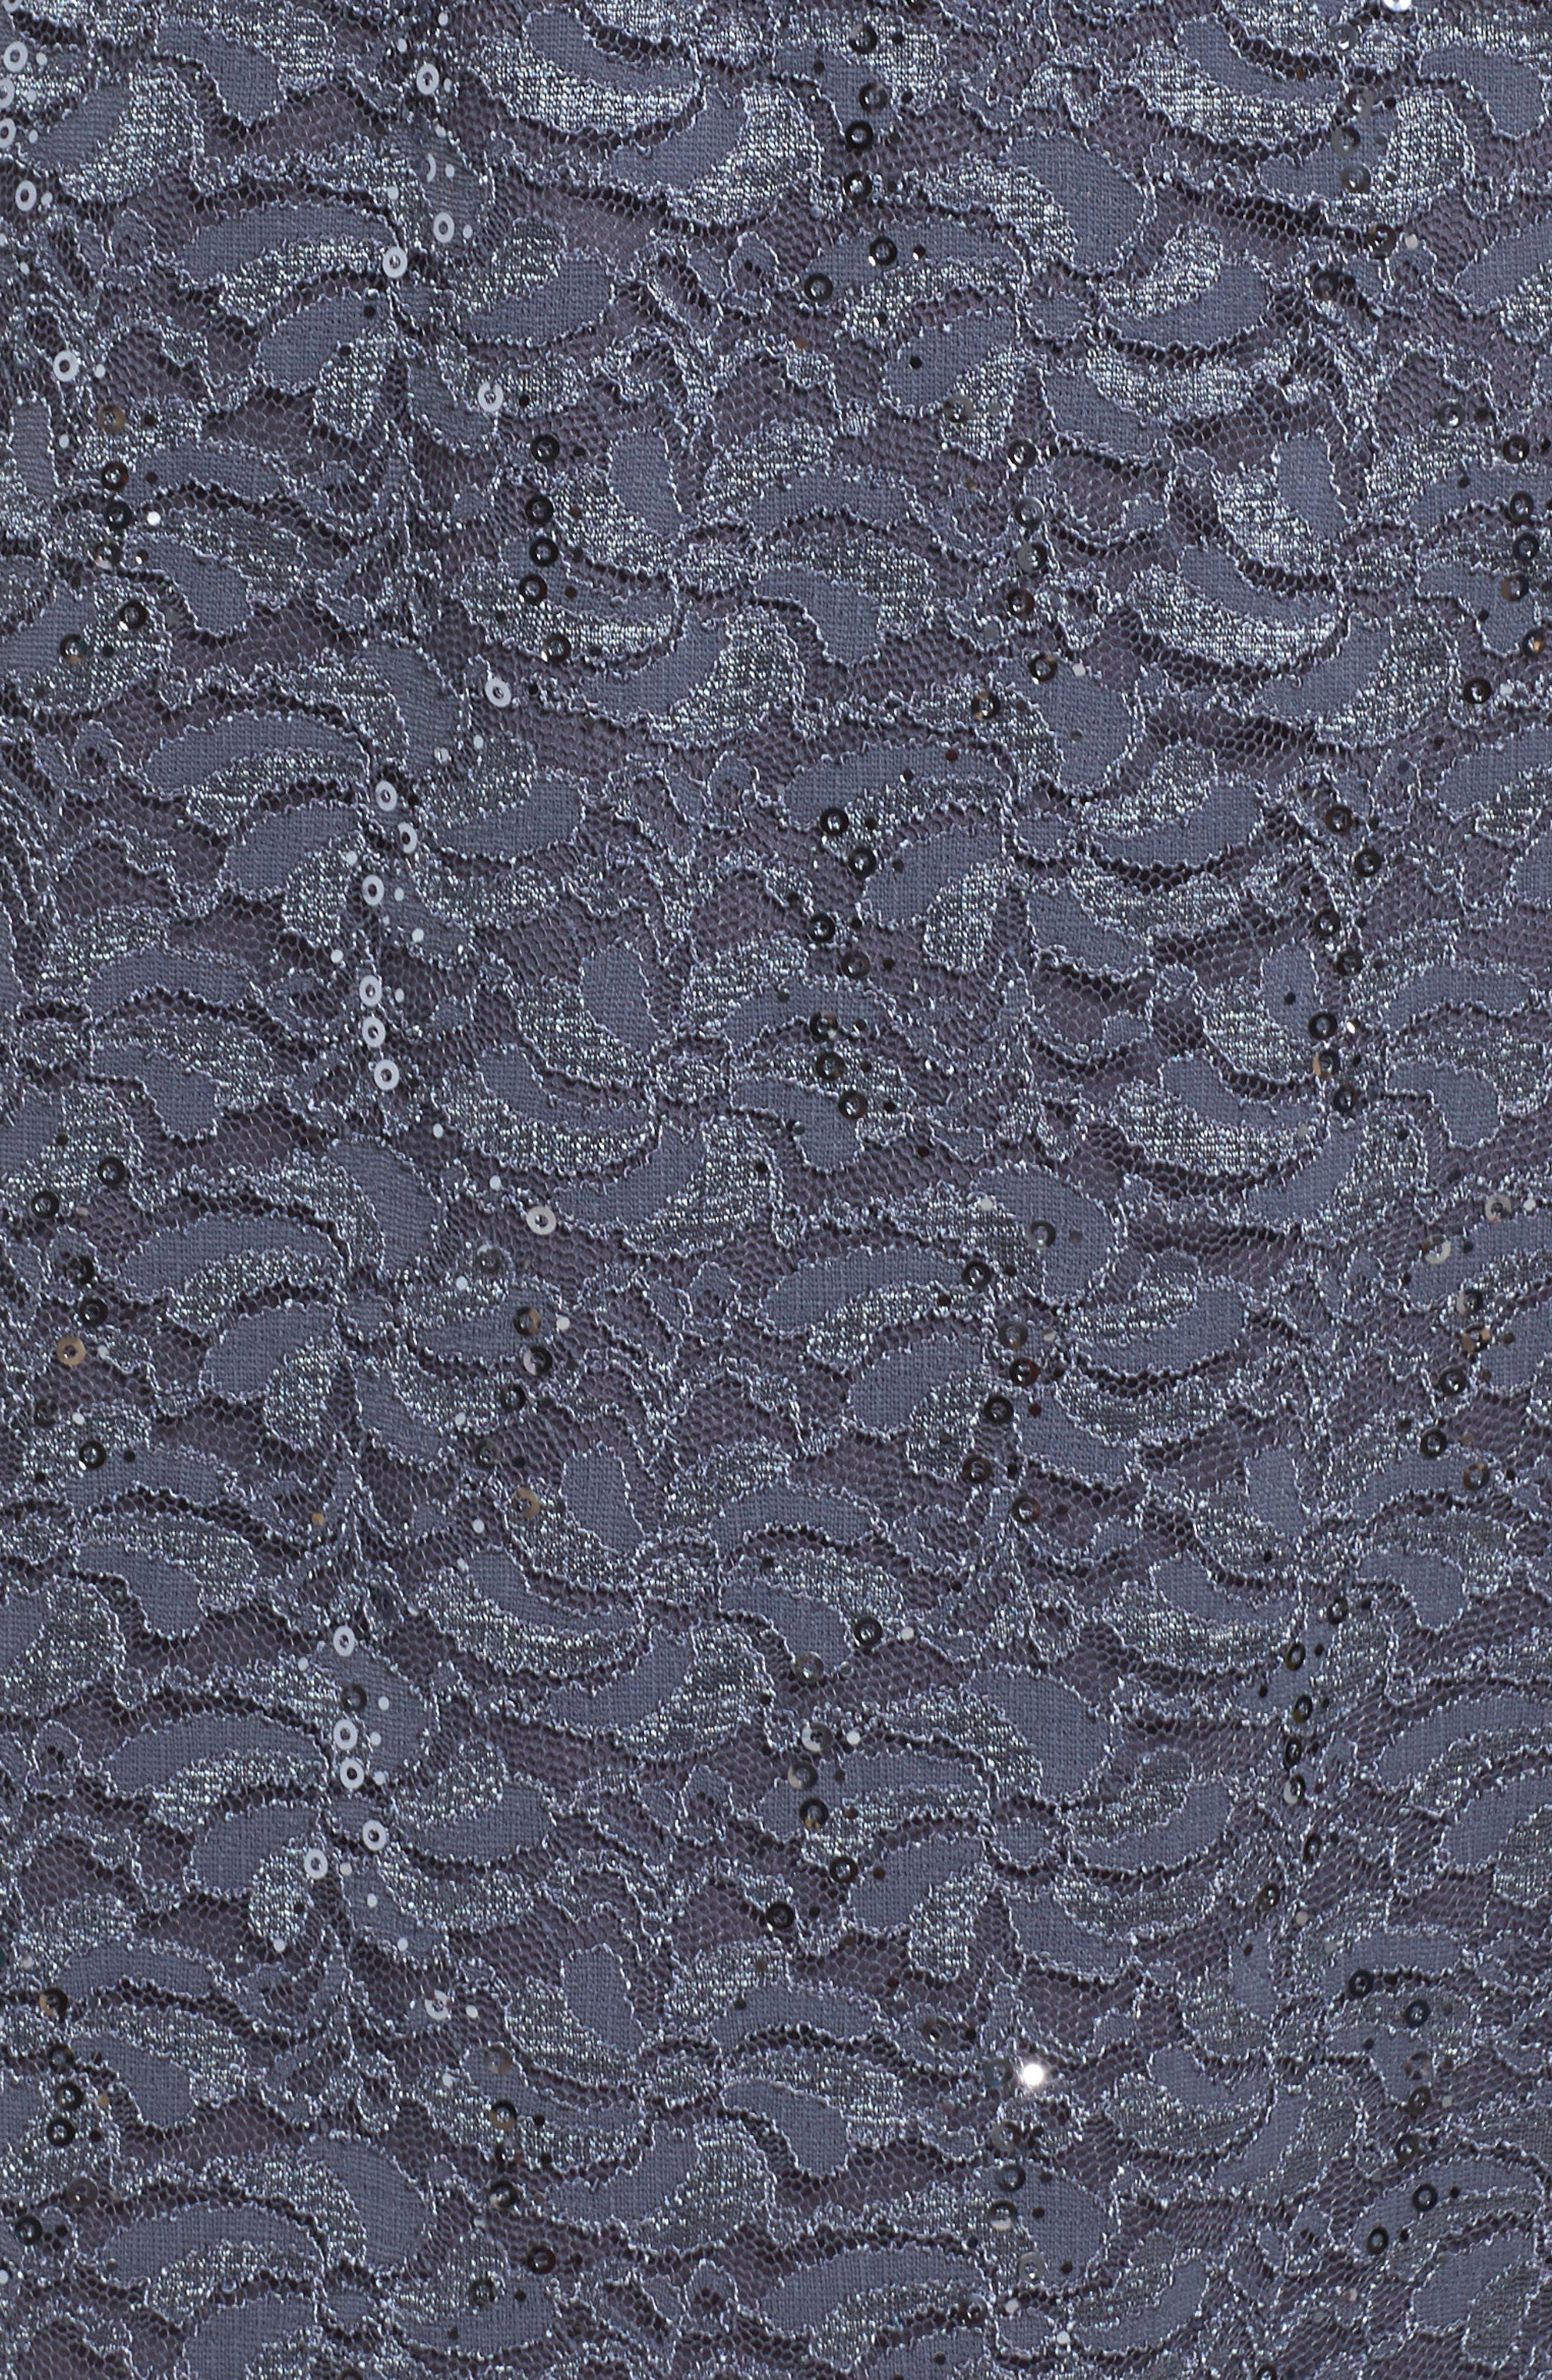 Sequin Lace Jacket Dress,                             Alternate thumbnail 5, color,                             473